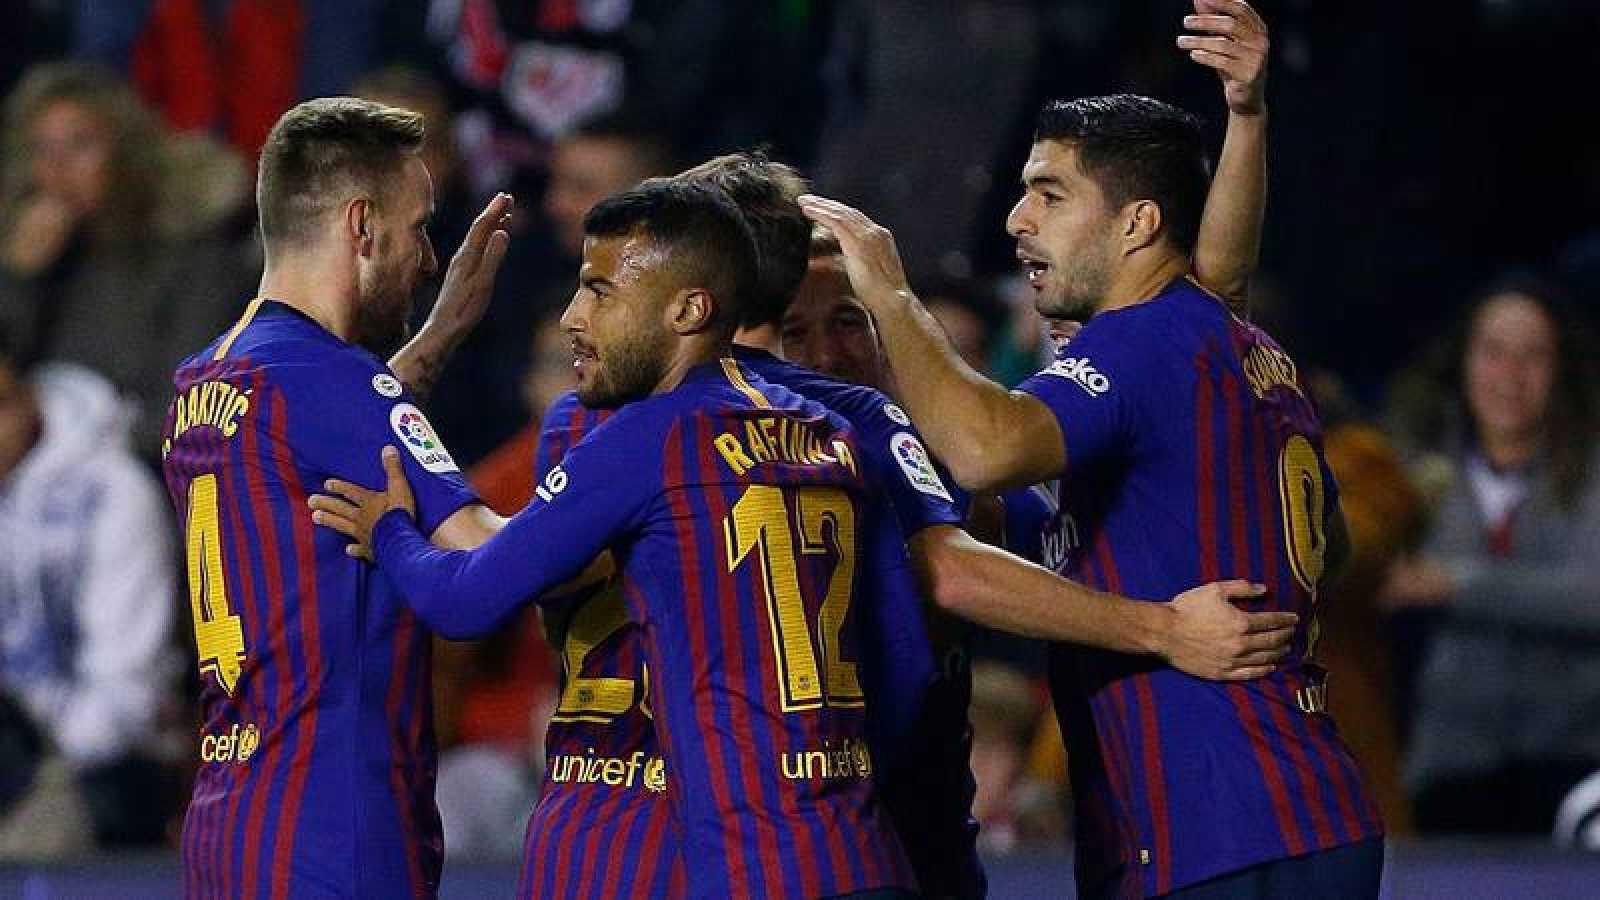 El Barça fulmina al Rayo con una remontada final